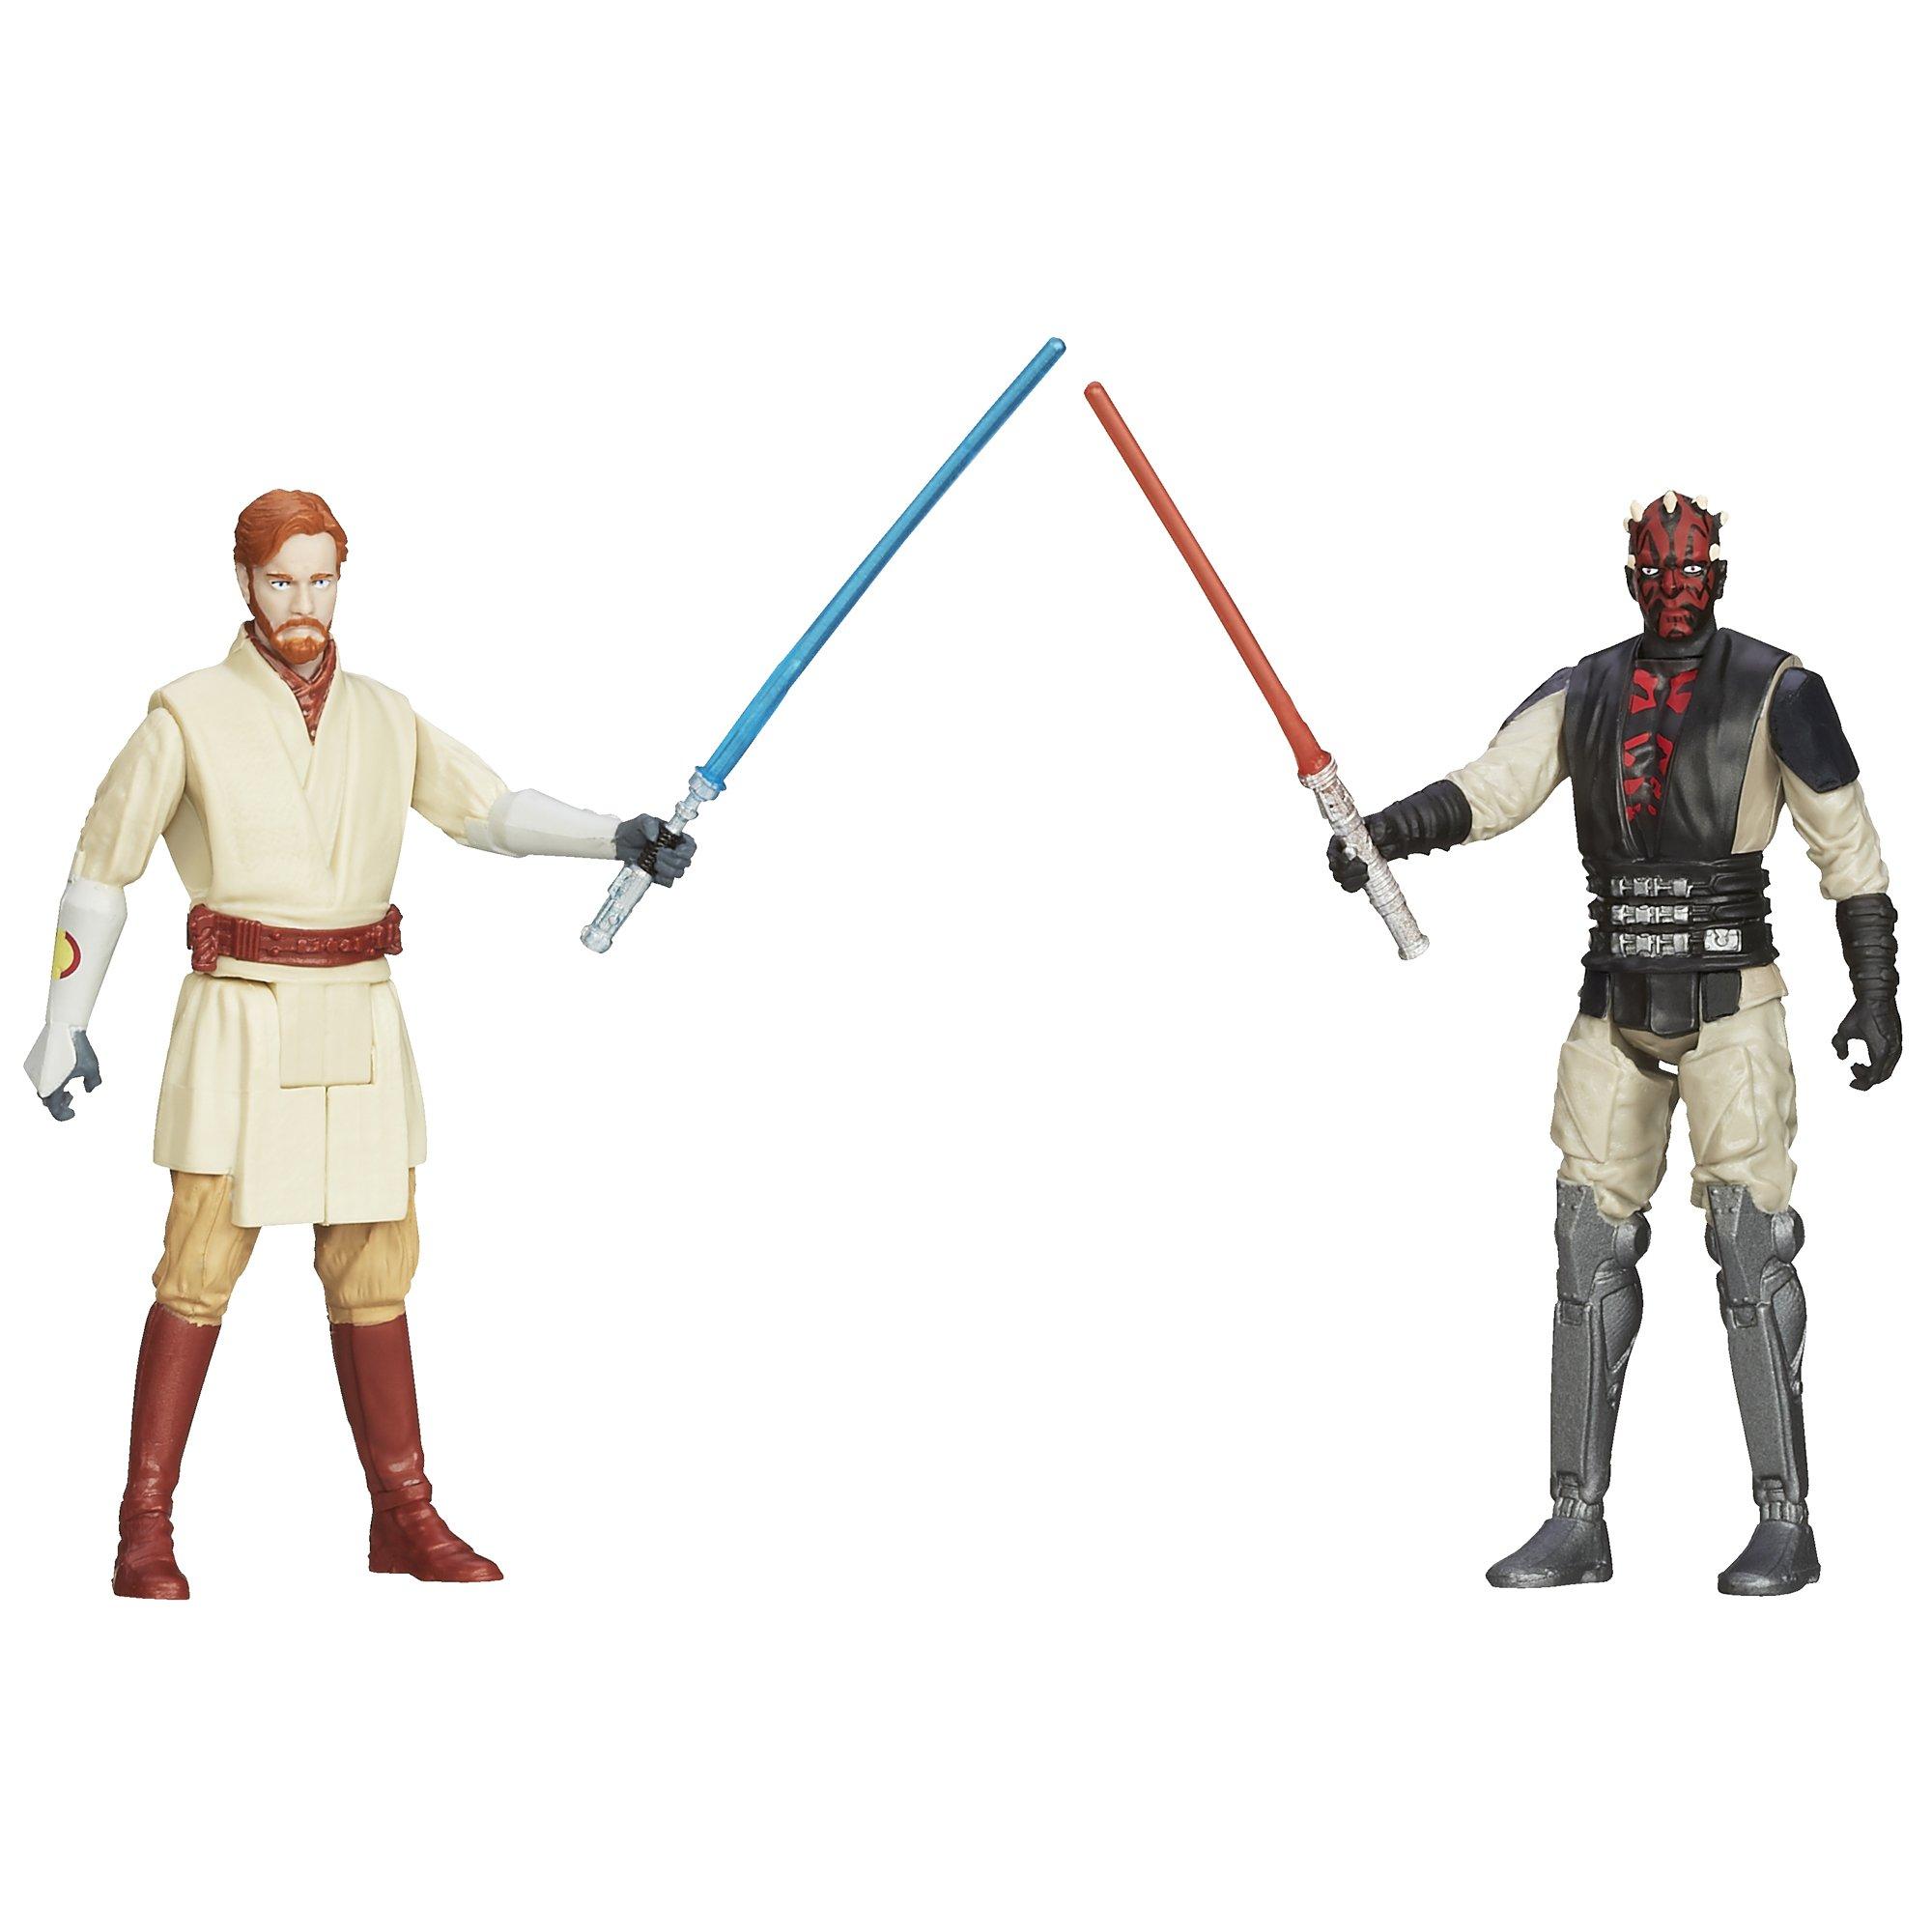 Hasbro Star Wars Mission Series Mandalore Pack - Kits de Figuras de Juguete para niños (4 año(s), Multicolor, Niño/niña, 99 año(s), Dibujos Animados, Acción / Aventura): Amazon.es: Juguetes y juegos